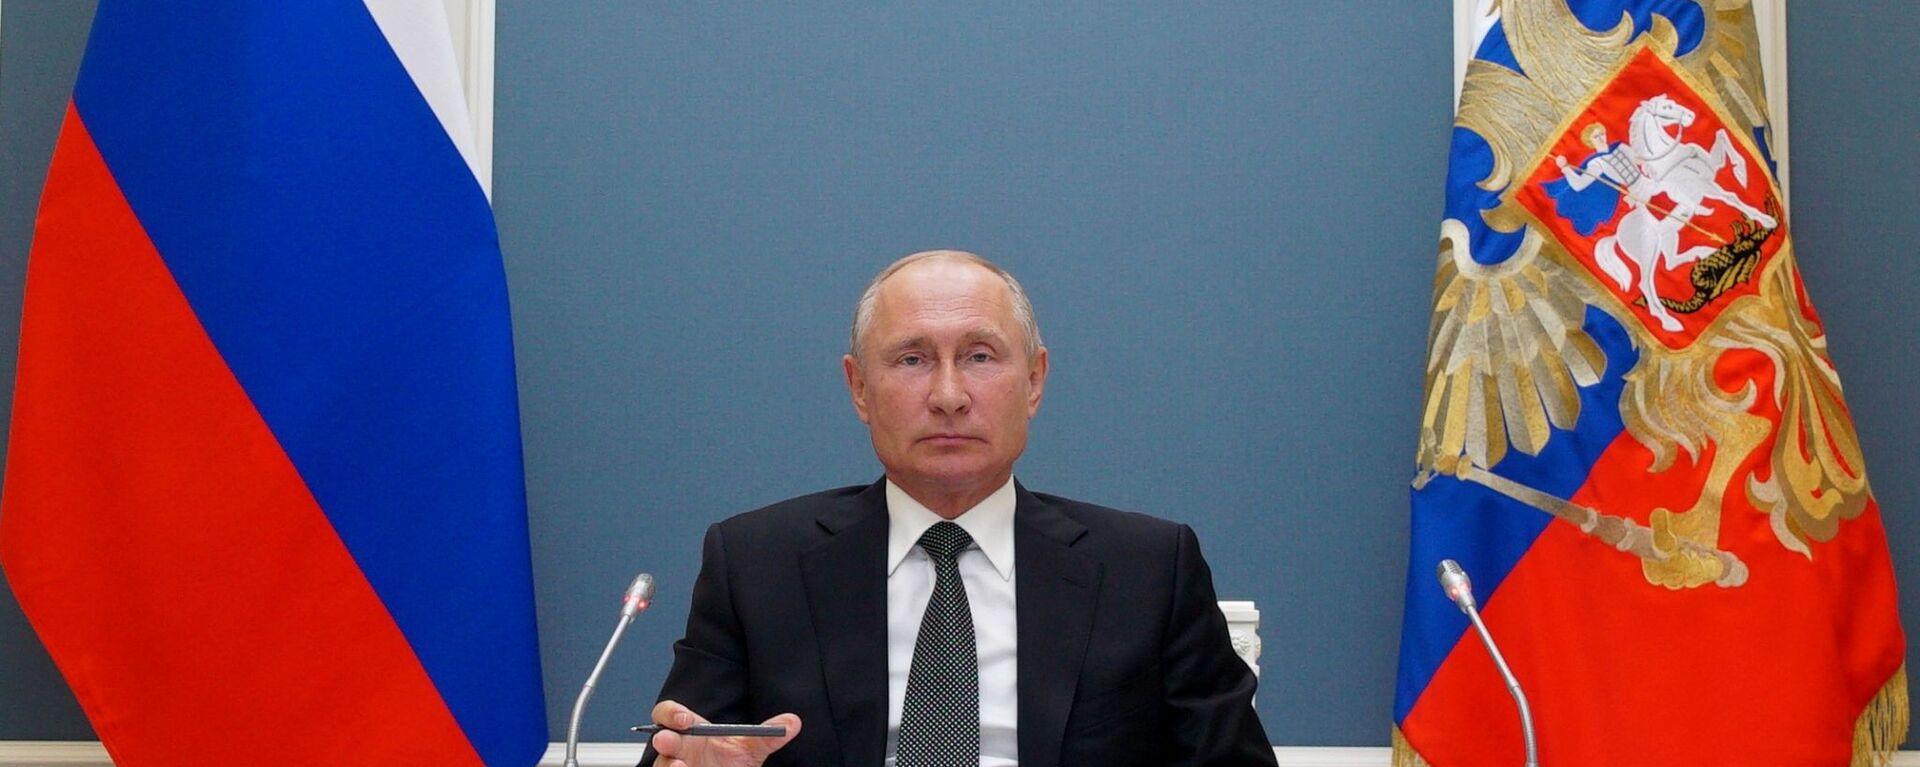 Prezydent Rosji Władimir Putin w czasie wideokonferencji - Sputnik Polska, 1920, 01.09.2020